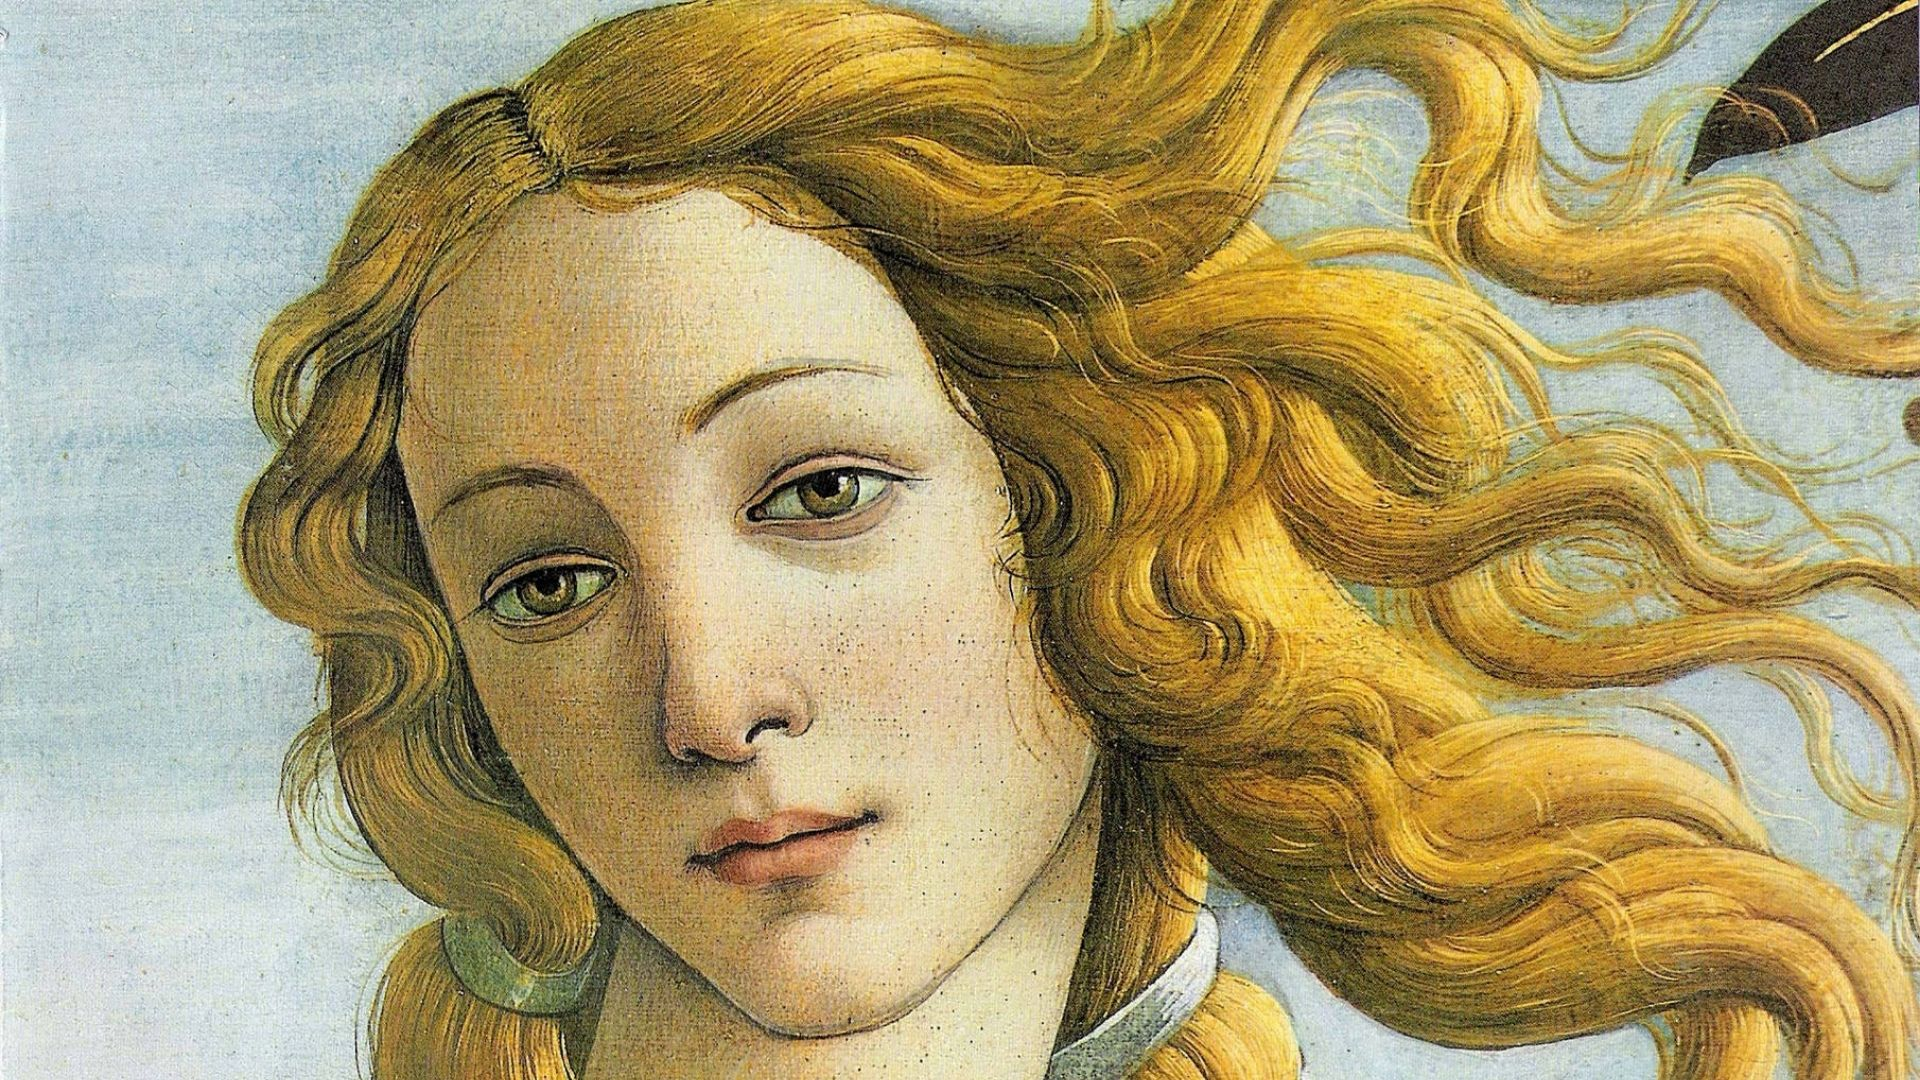 Episode 336 Myths and Legends Aphrodite